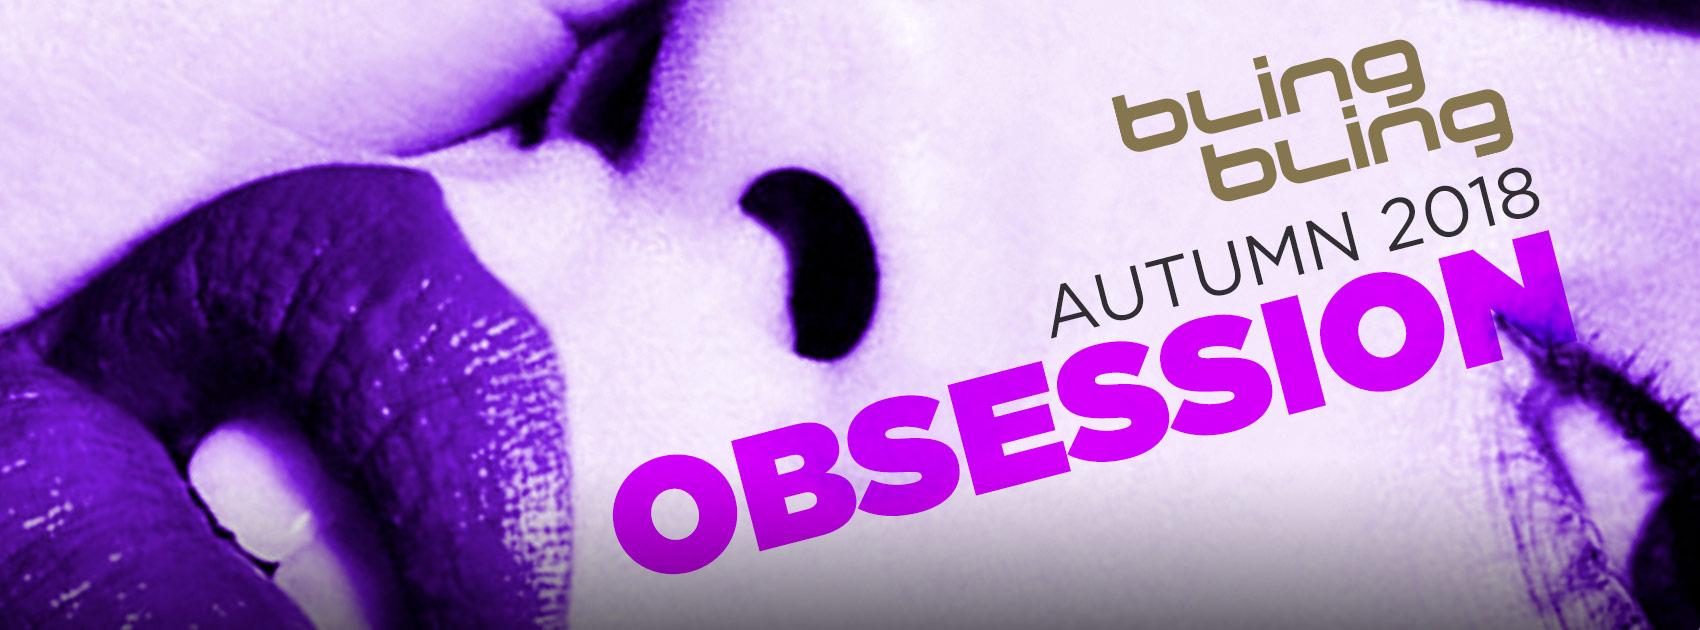 OBSESSION - BLING BLING BLING BLING